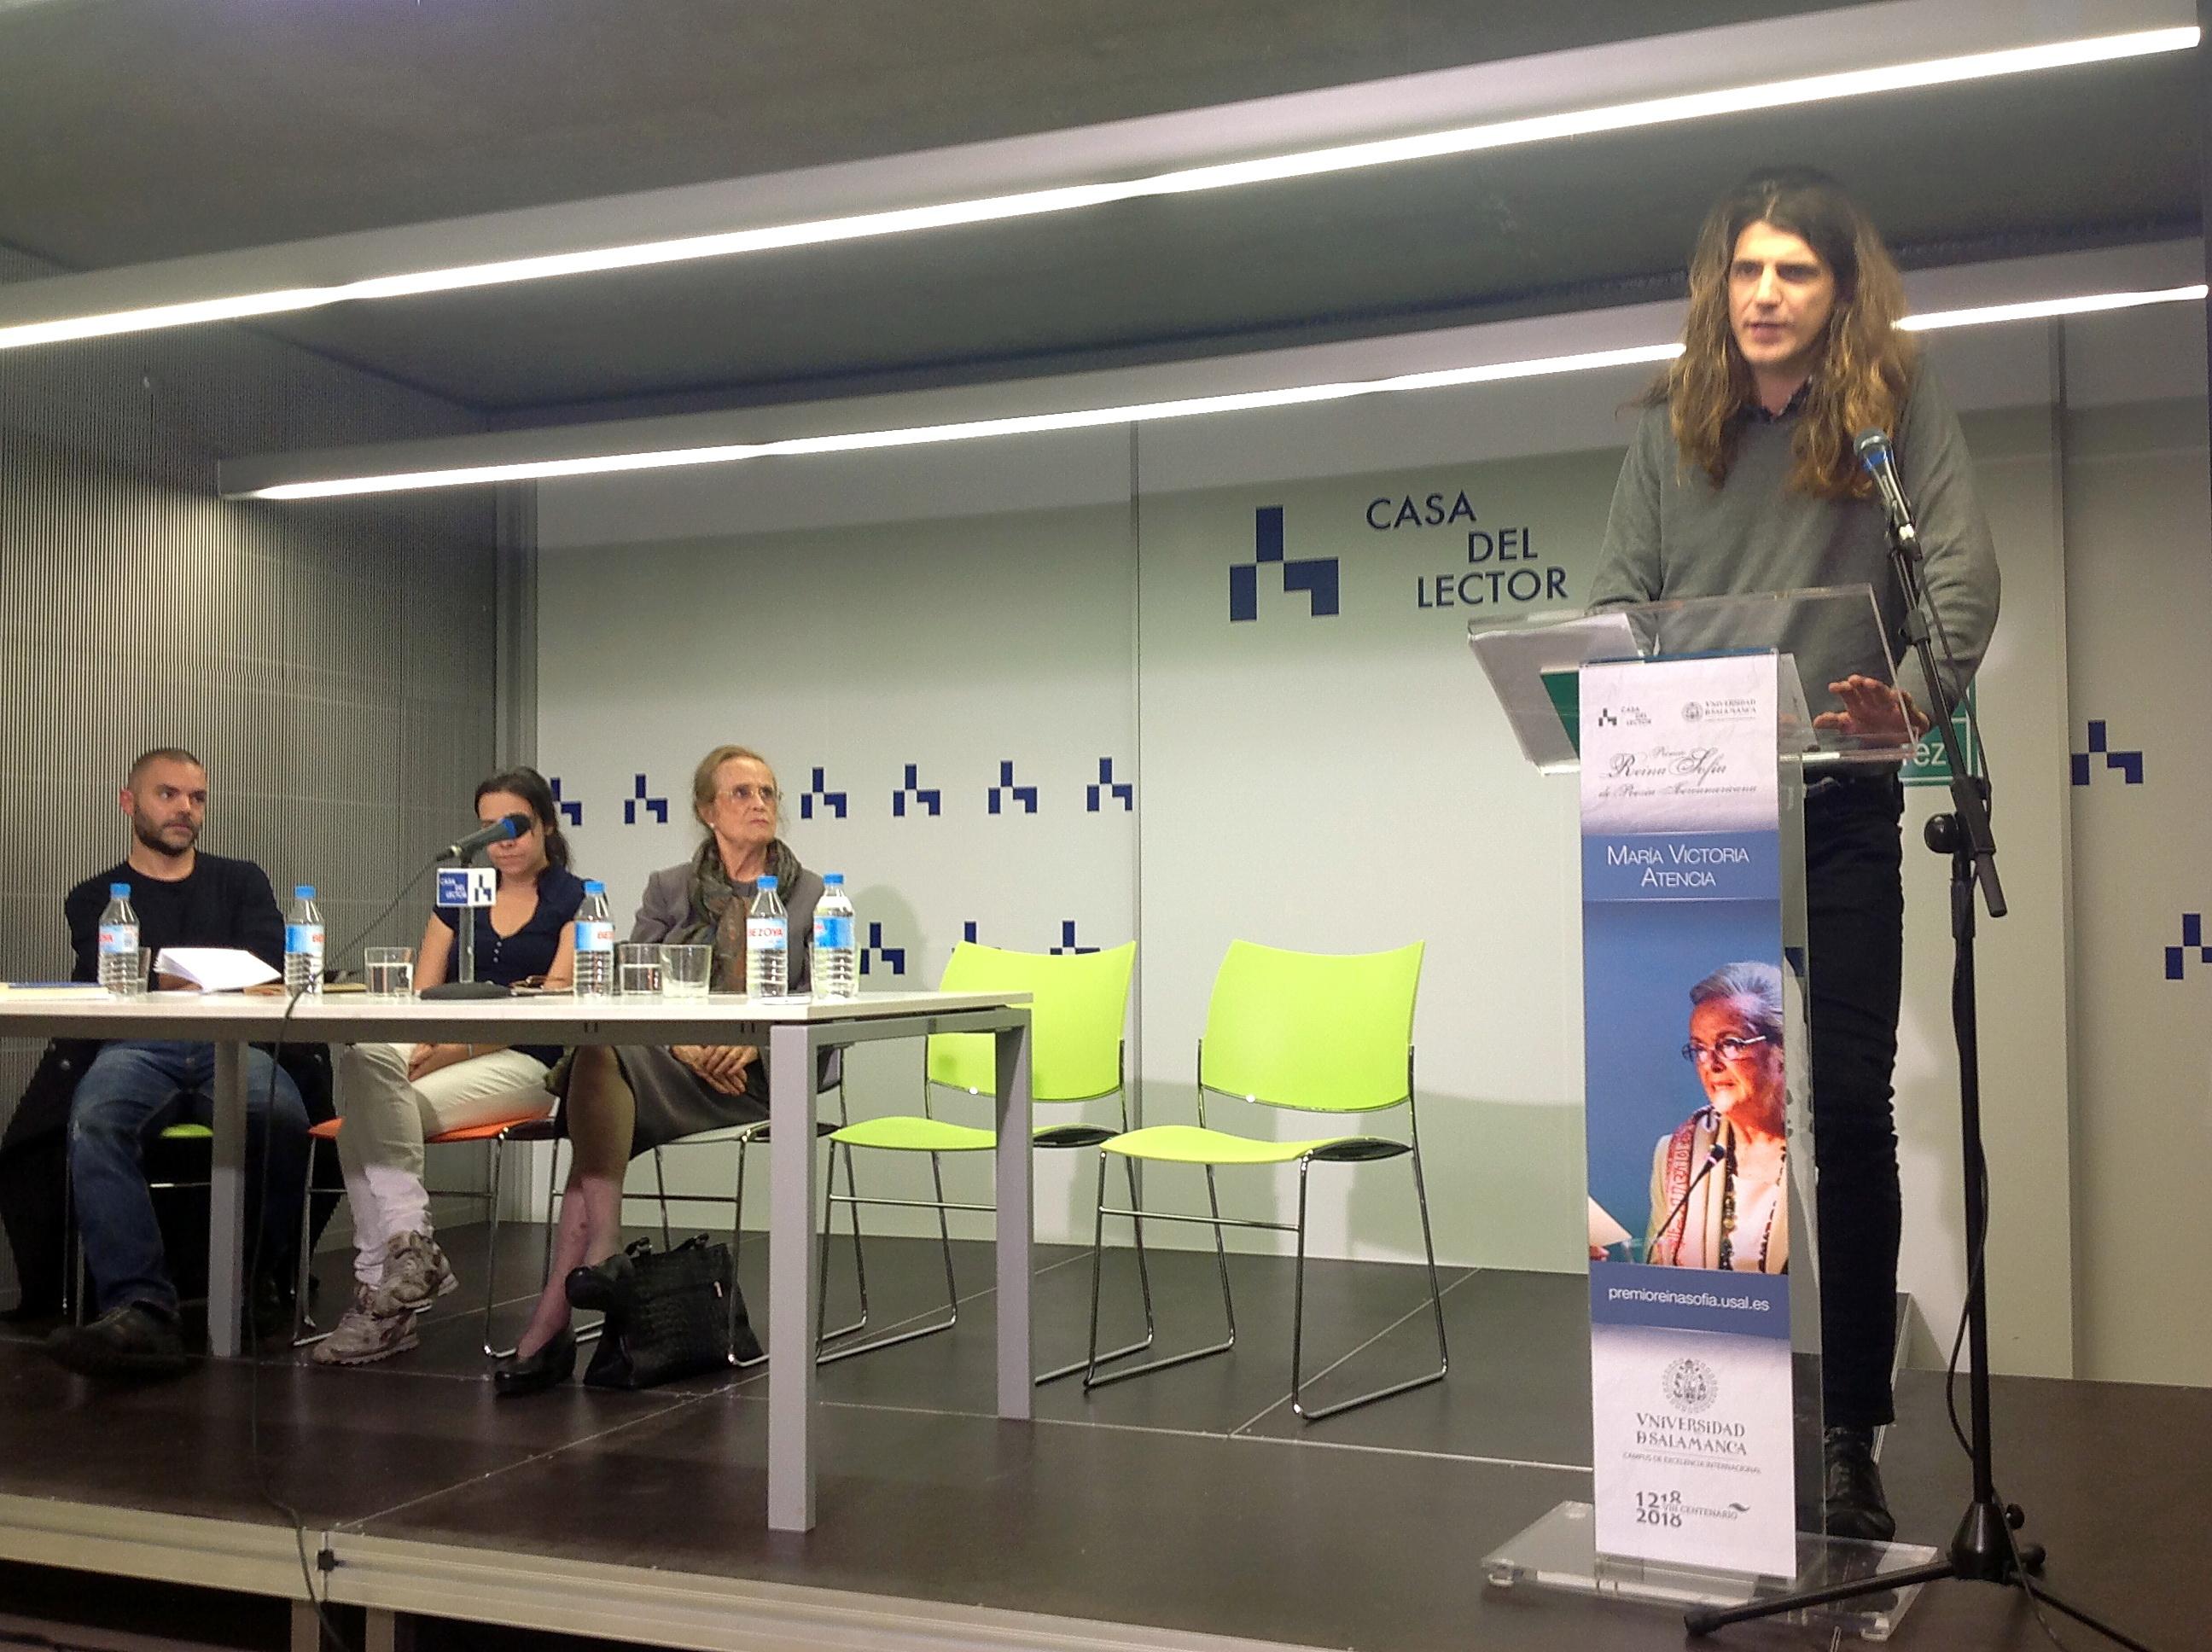 La Universidad de Salamanca reúne en Casa del Lector a tres generaciones de poetas en torno a la obra de María Victoria Atencia, XXIII Premio Reina Sofía de Poesía Iberoamericana